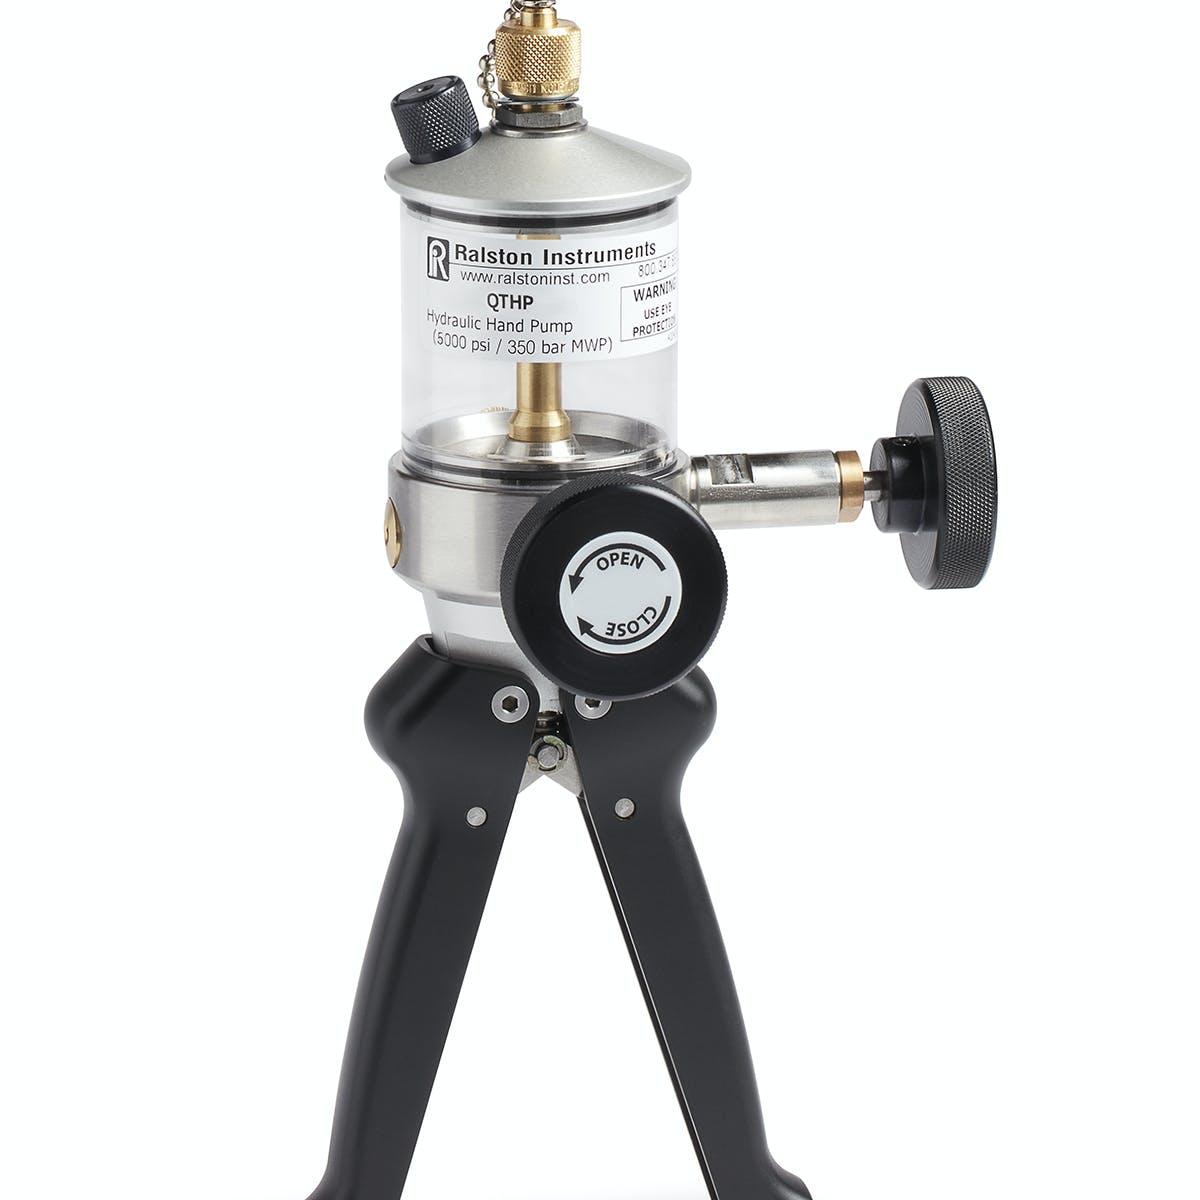 QTHP Hydraulic Hand Pump